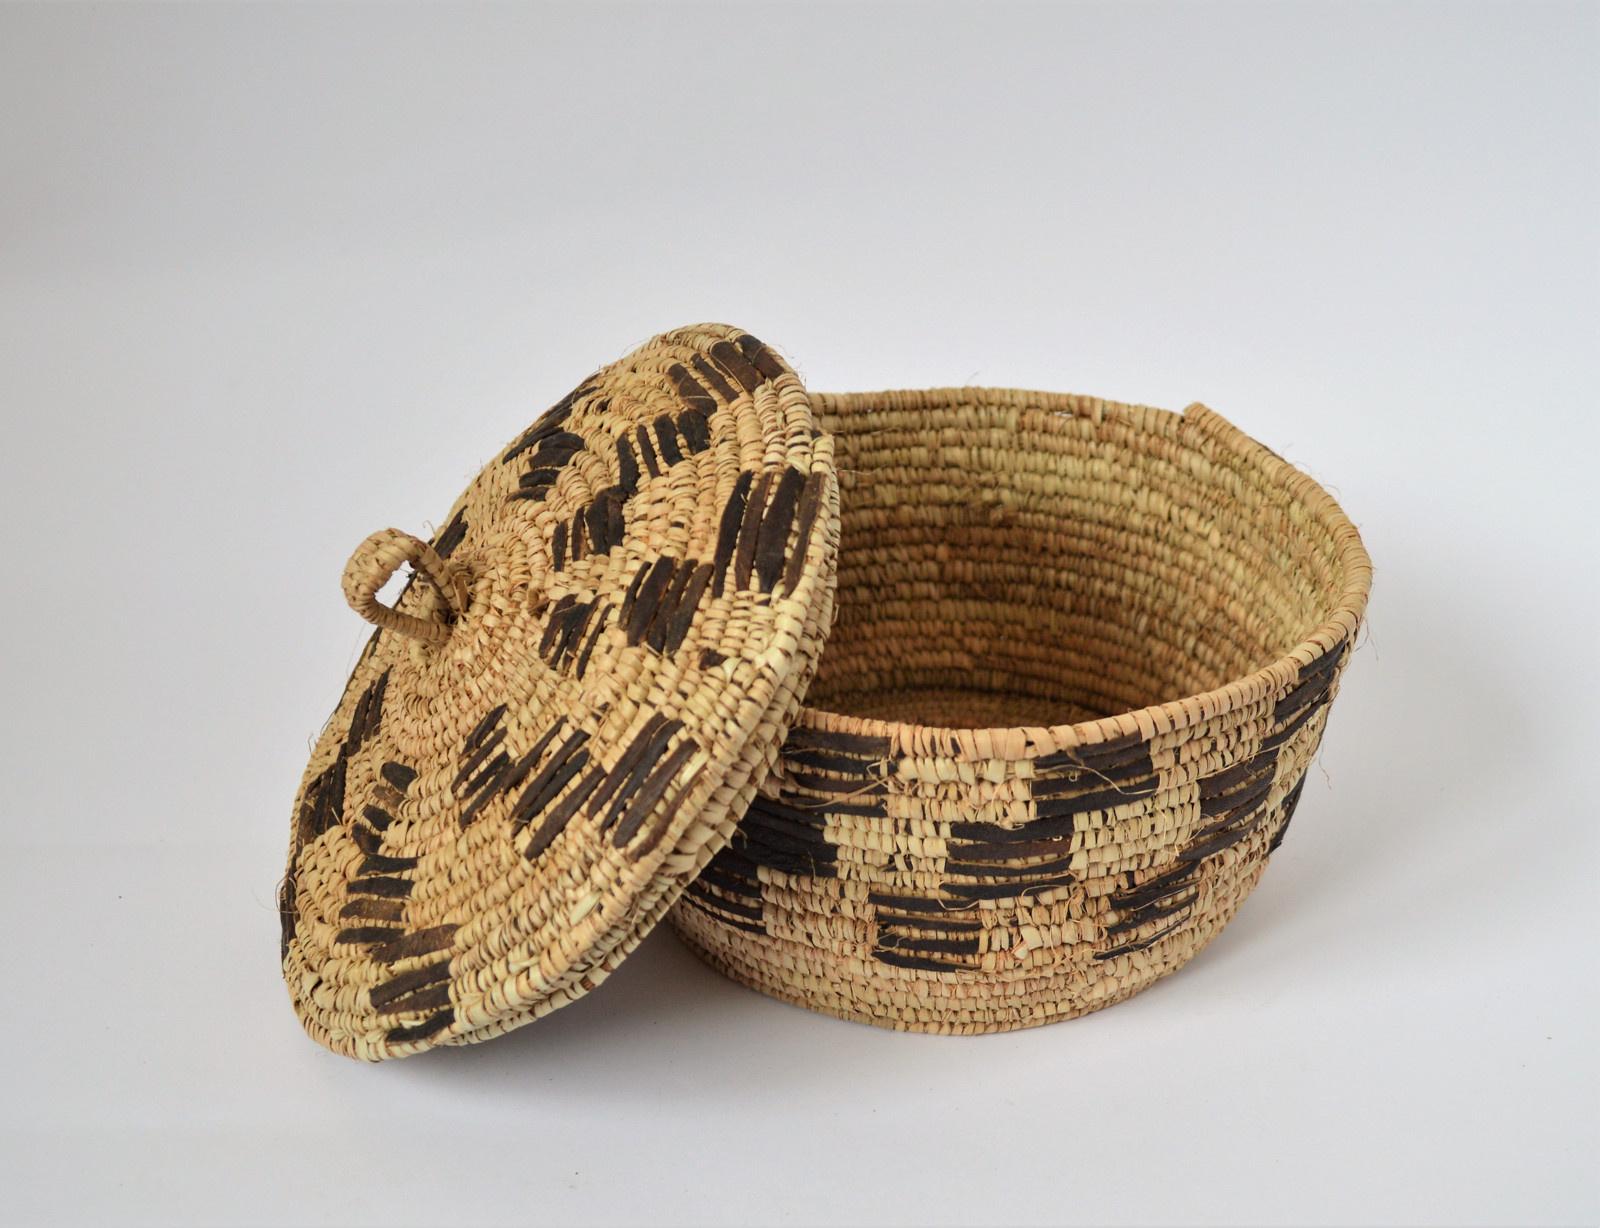 Rustic Kožený pletený košík (Elegant)   Zboží prodejce Omar Handmade ... 056ec43517